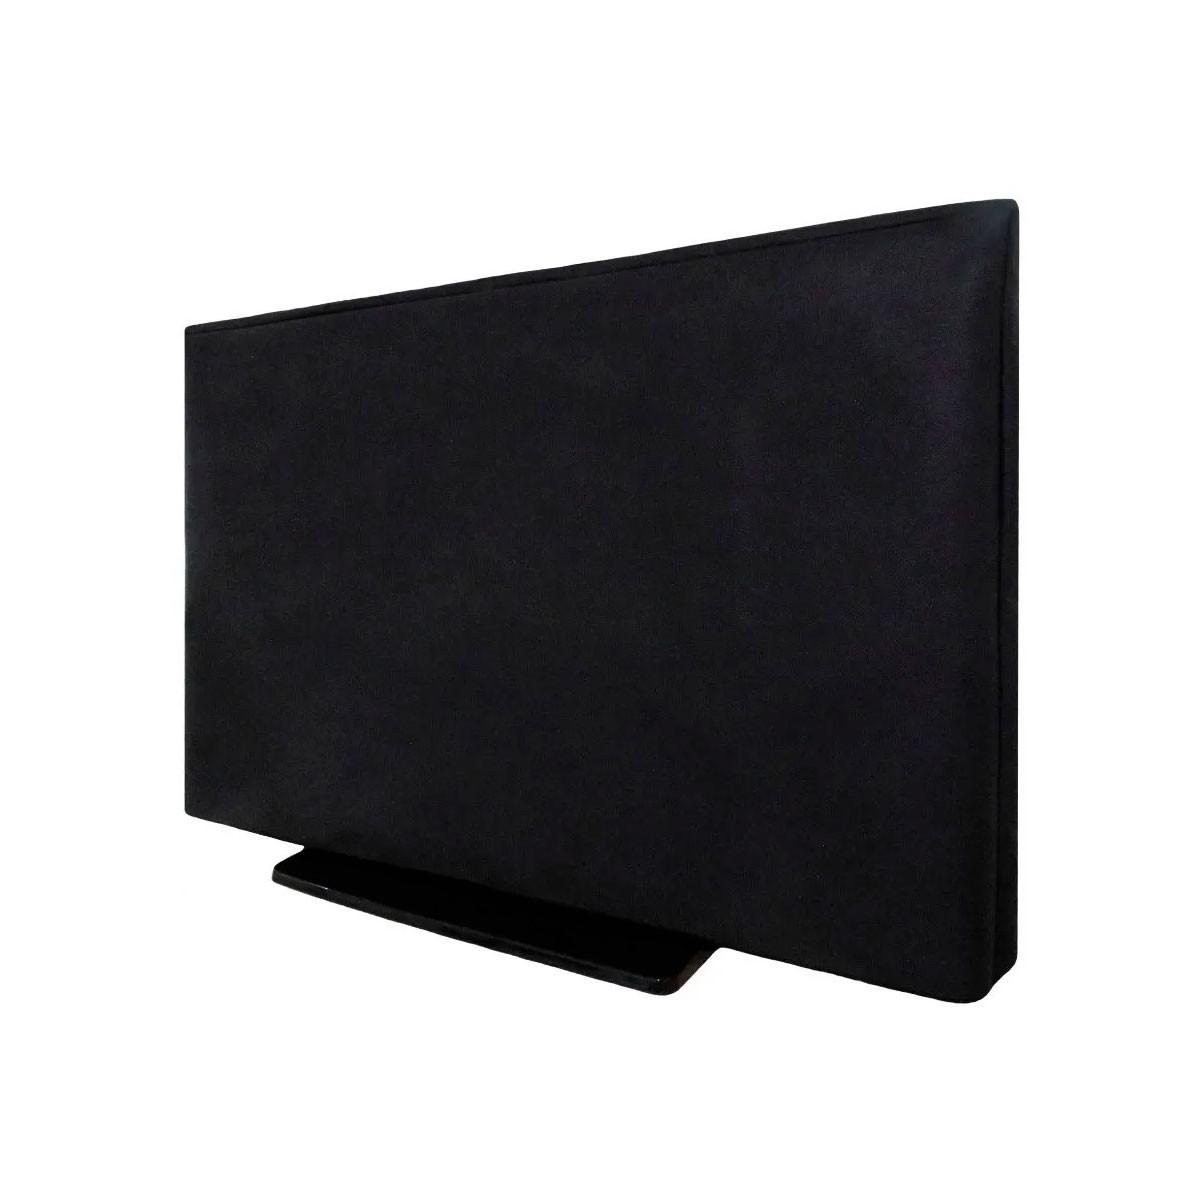 Capa Em Tnt 80g (grosso E Resistente) Para Tv Lcd 37